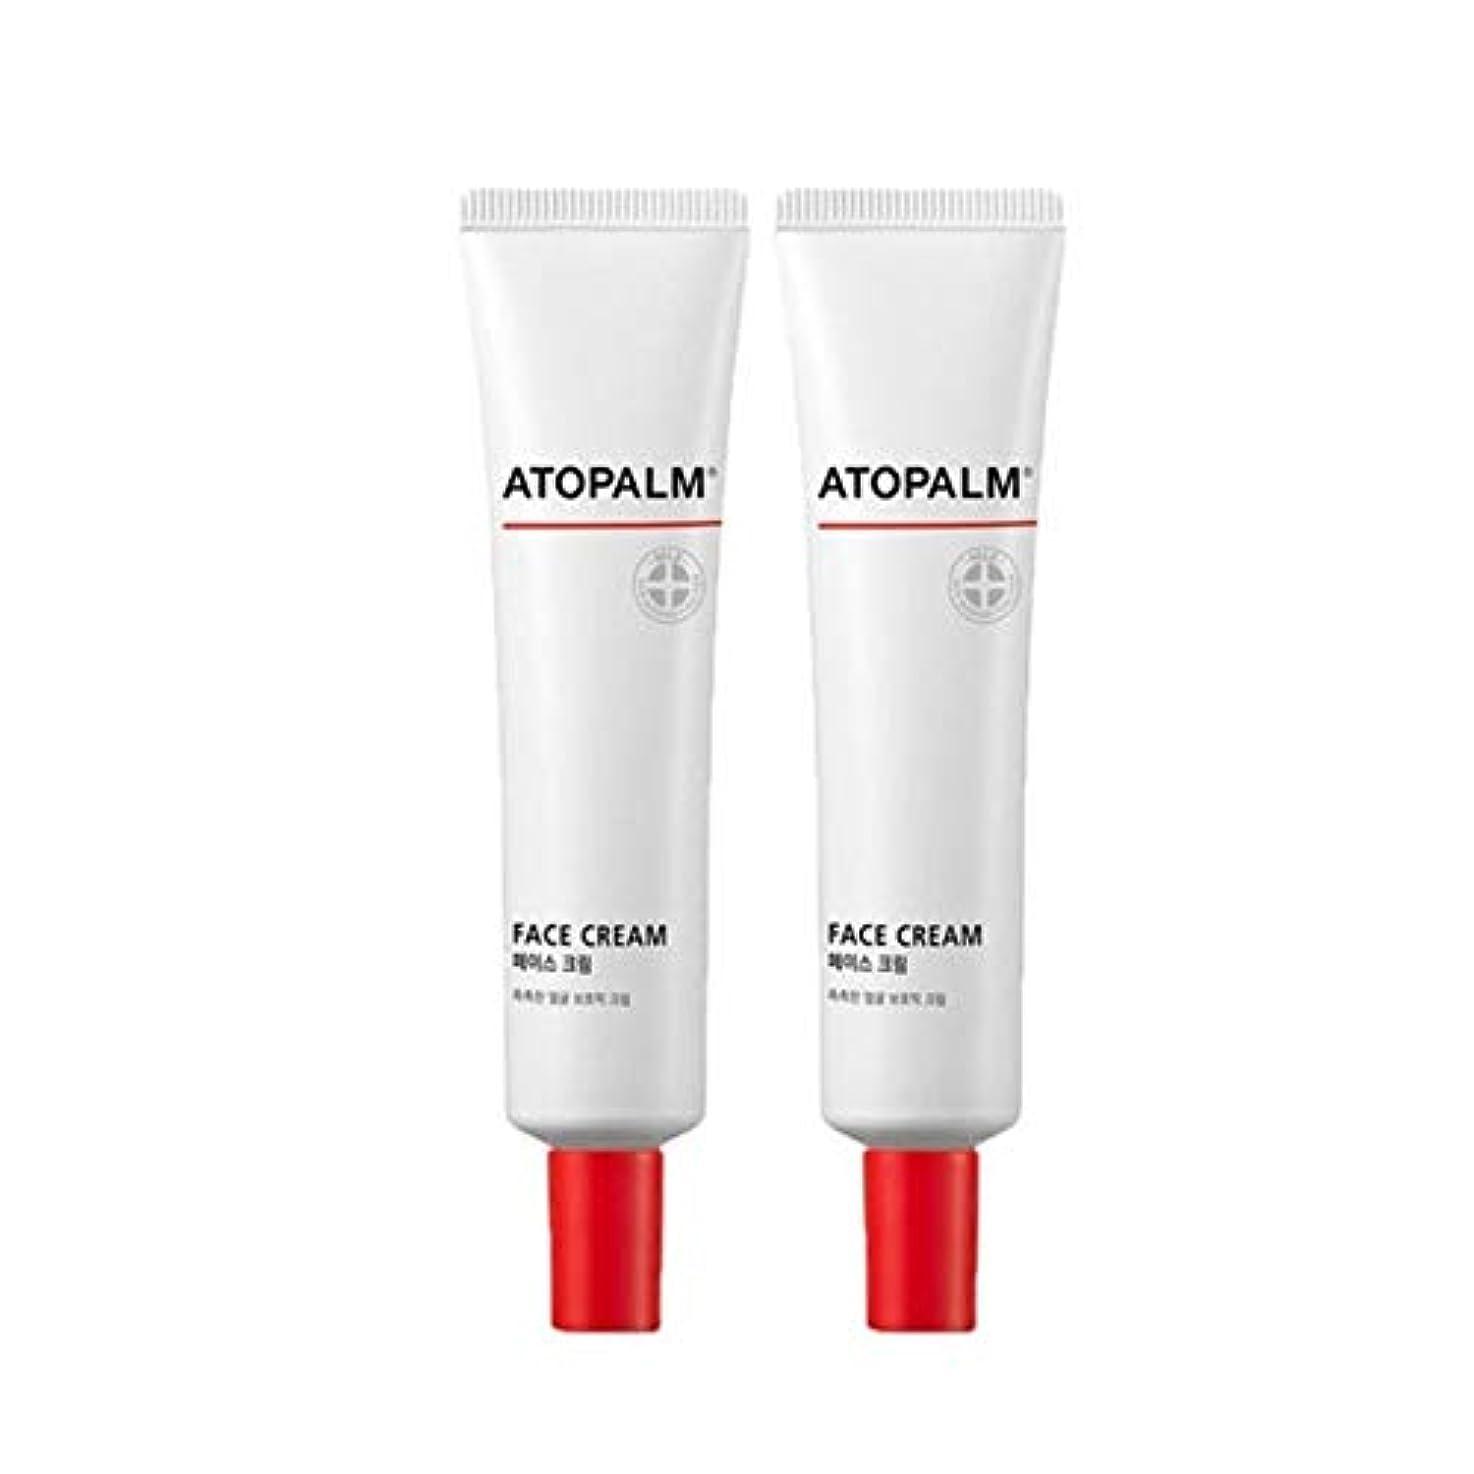 ベルトキリスト告発者アトパムフェイスクリーム35mlx2本セット韓国コスメ、Atopalm Face Cream 35ml x 2ea Set Korean Cosmetics [並行輸入品]